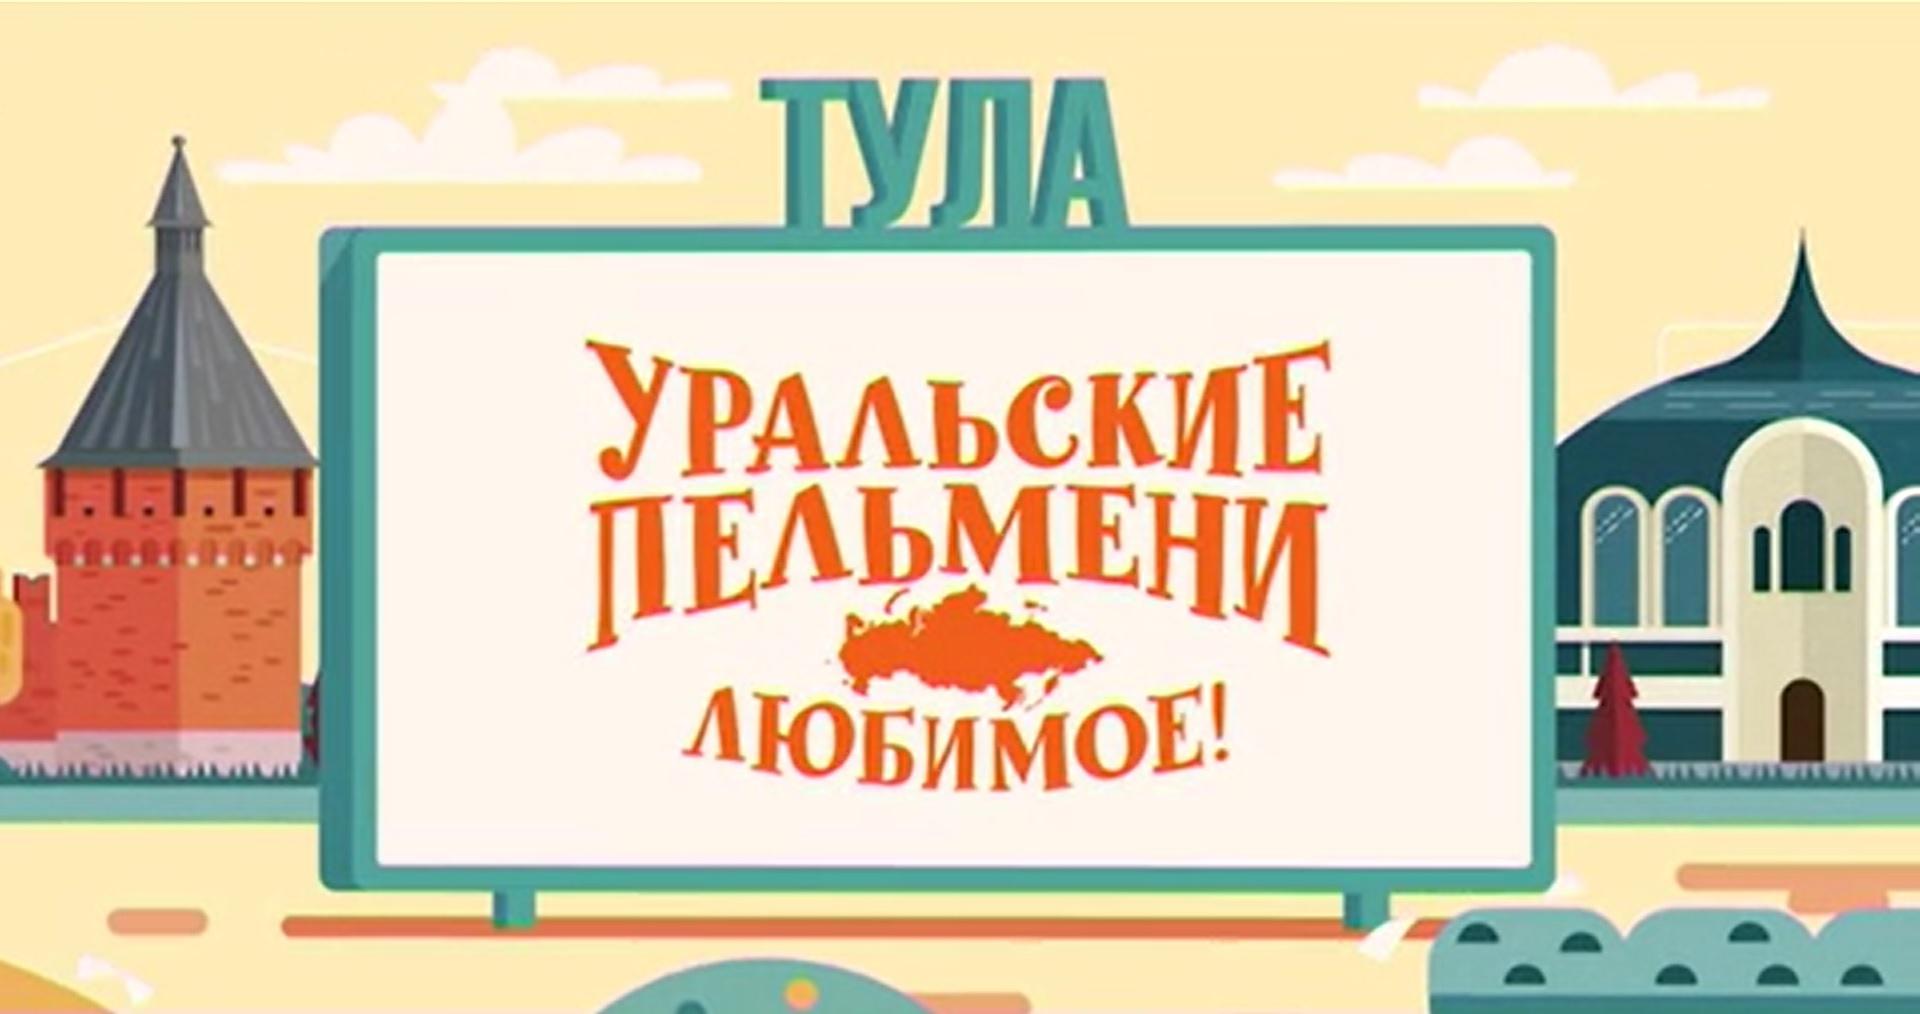 Творческий коллектив Уральские Пельмени Уральские пельмени. Любимое. Тула тара тула